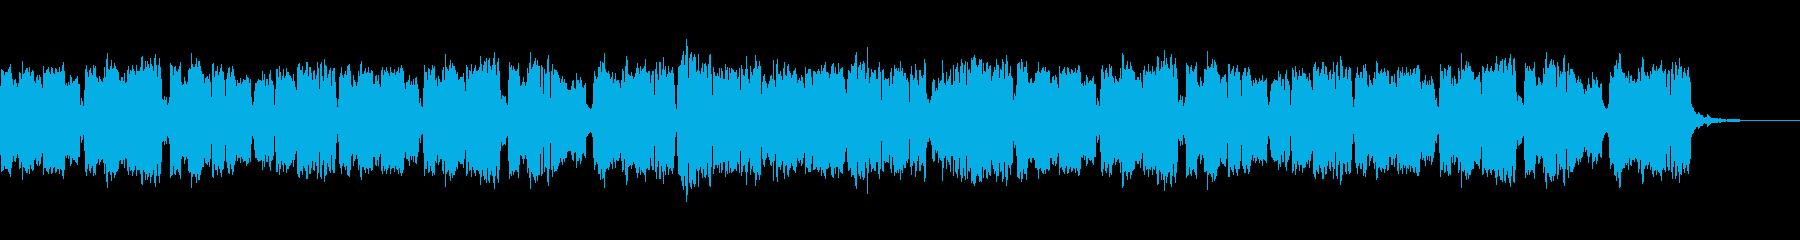 ほのぼのしたリコーダーのBGMの再生済みの波形